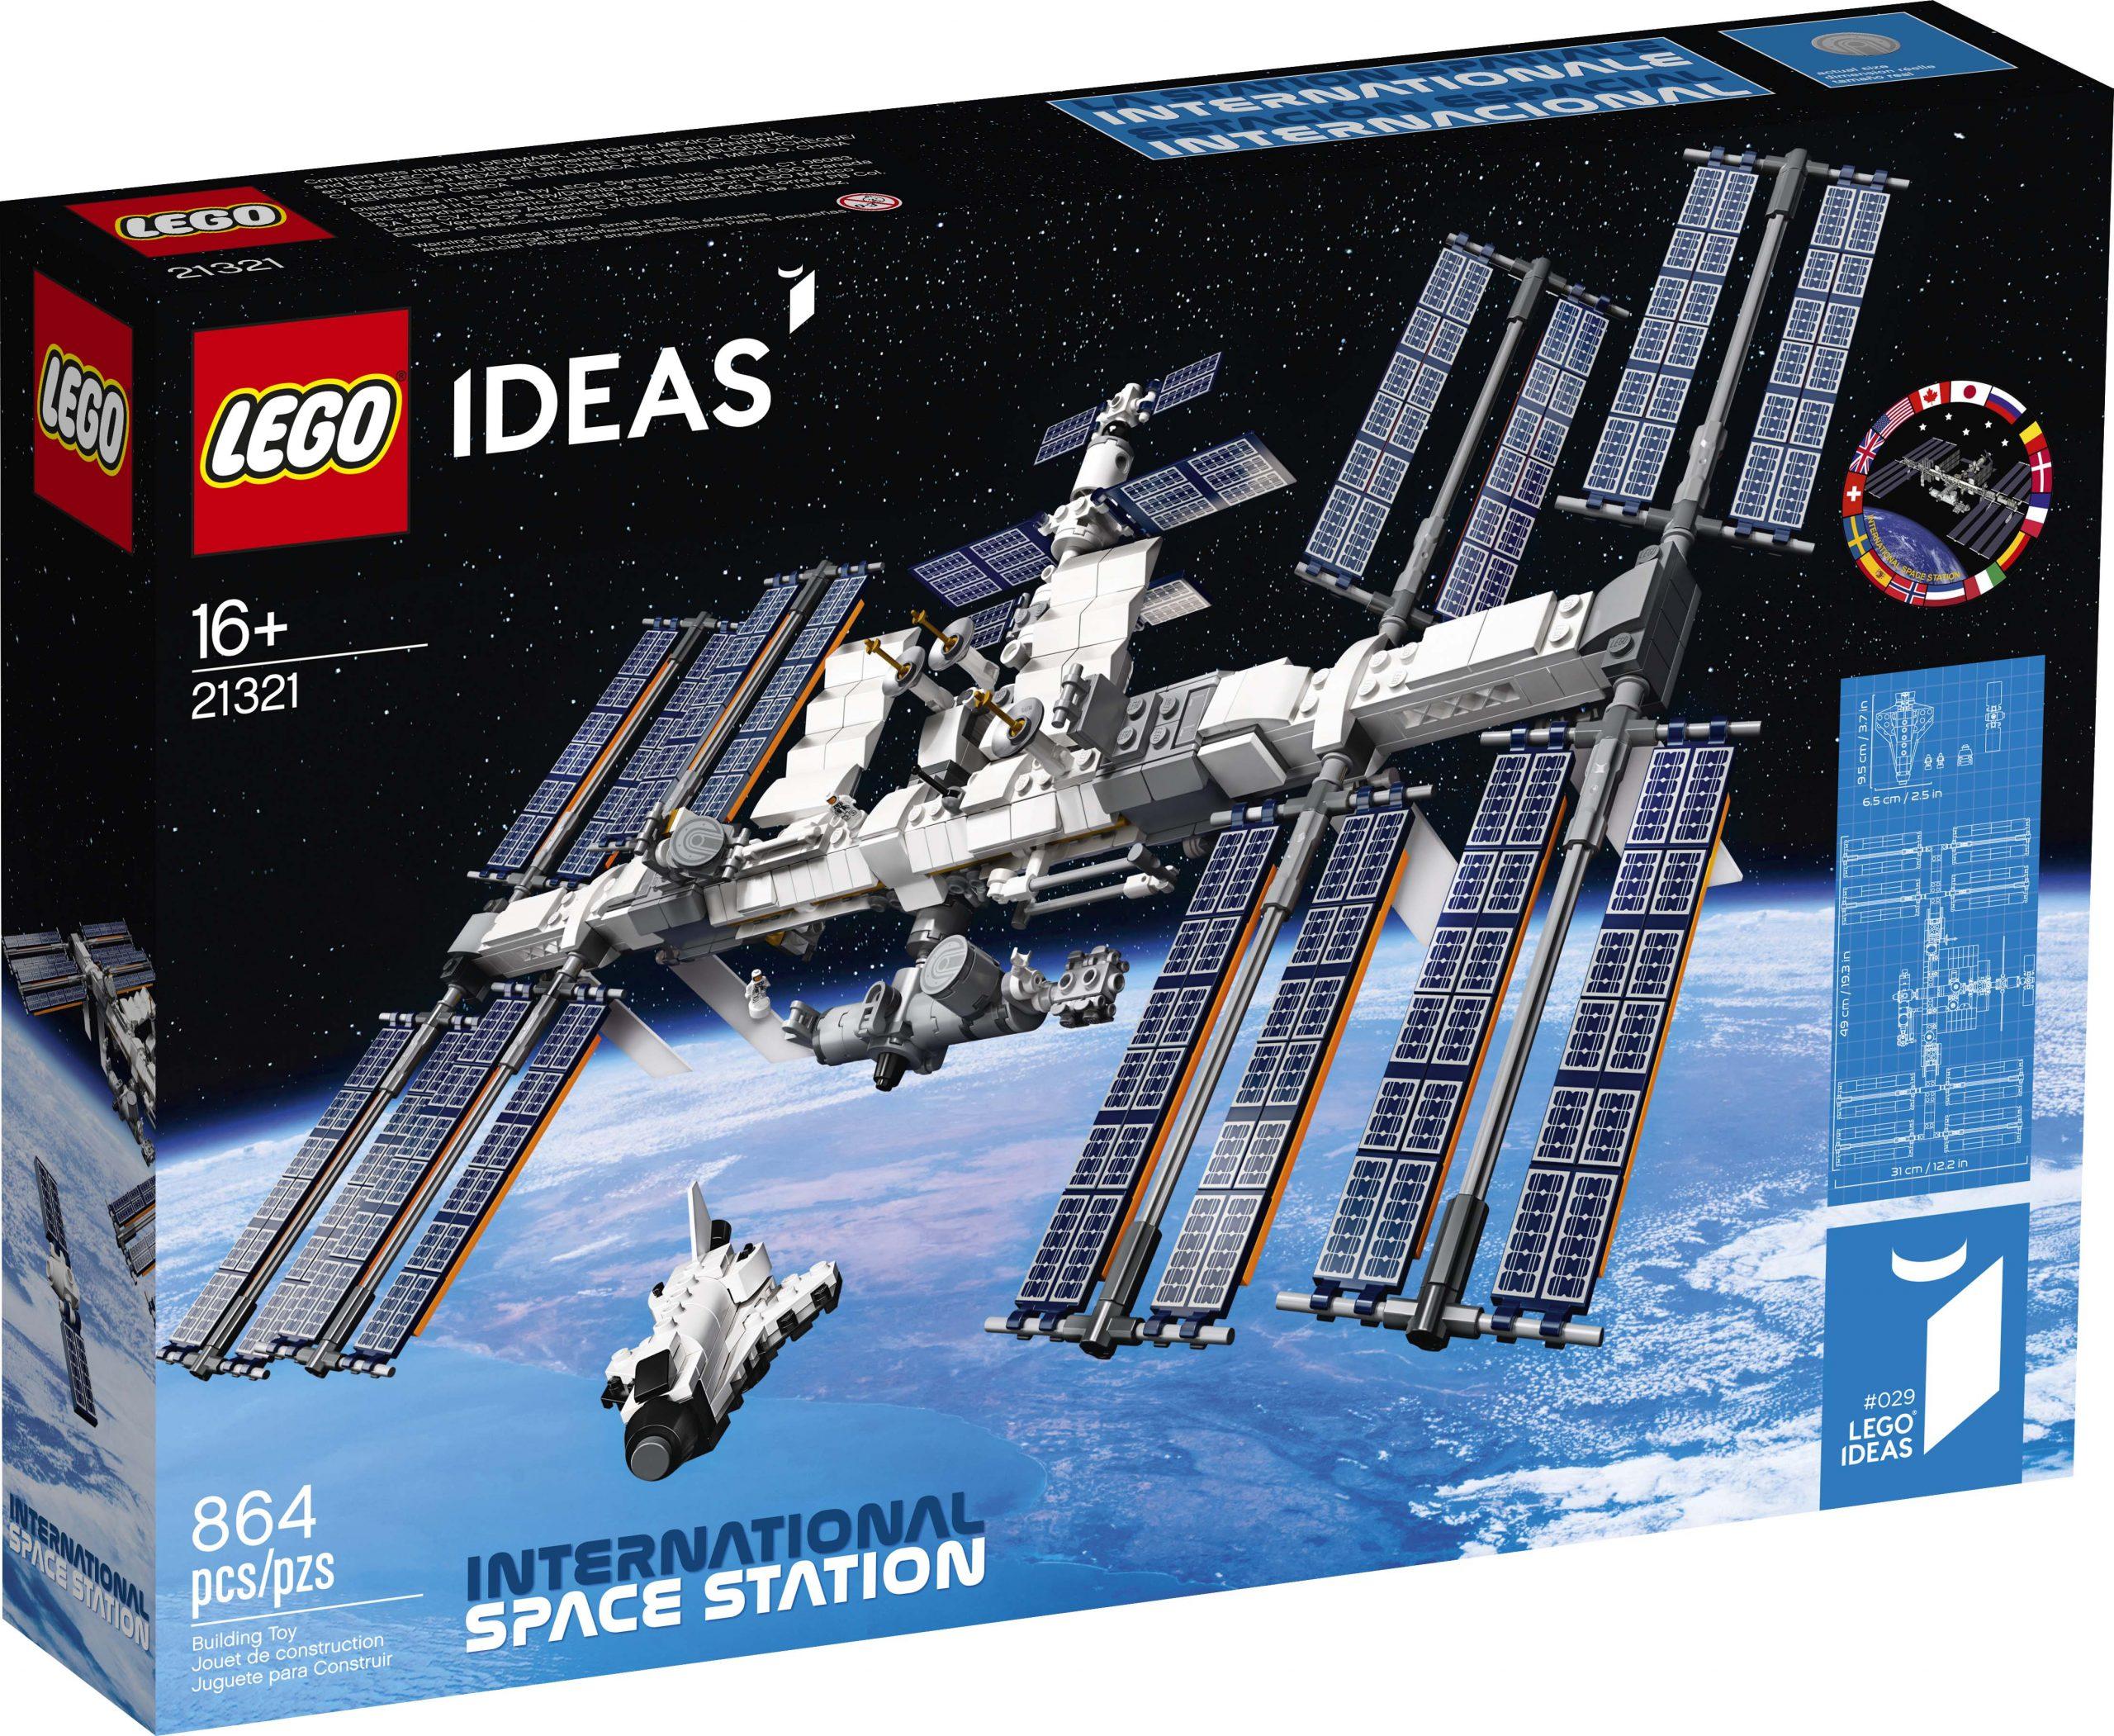 Trạm vũ trụ quốc tế LEGO Ideas (21321) đang được bán tại LEGOLAND Shop